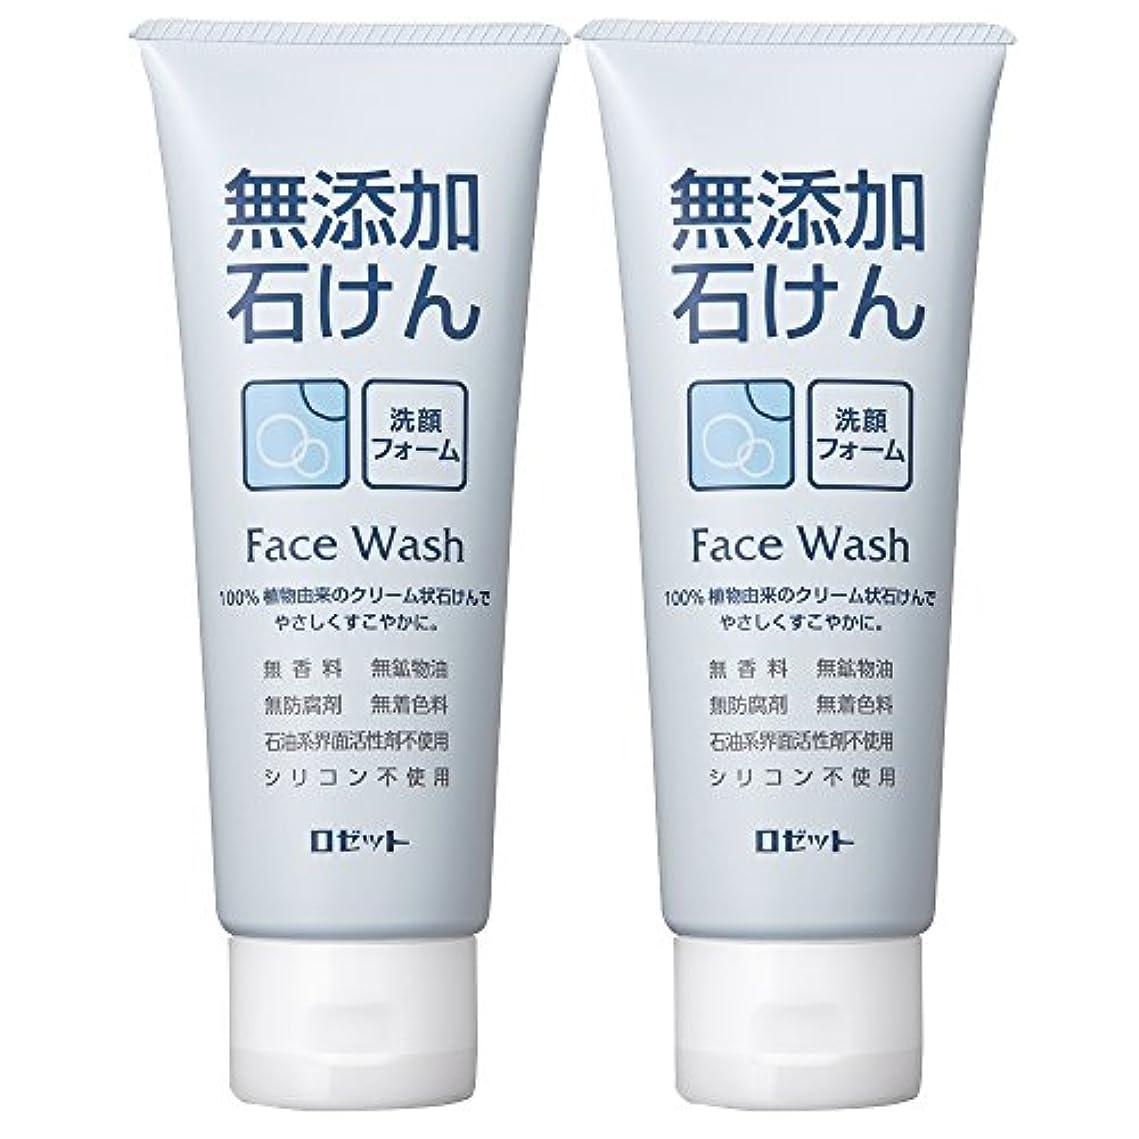 水を飲む企業コンパイルロゼット 無添加石けん 洗顔フォーム 140g×2個パック AZ